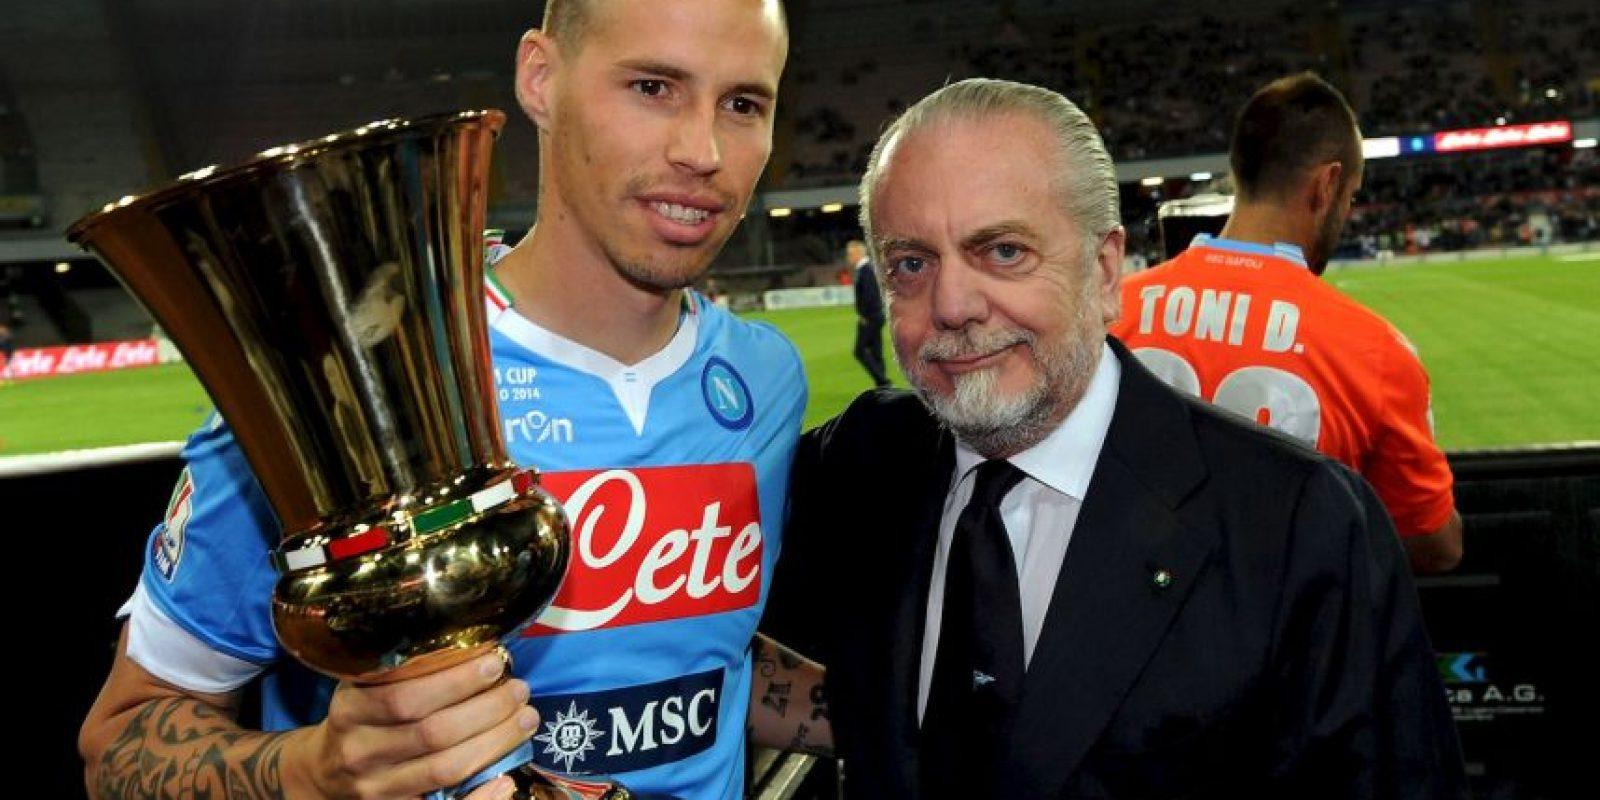 Tras una larga carrera en el cine, en 2004 se convirtió en el accionista mayoritario y presidente del club napolitano. Foto:Getty Images